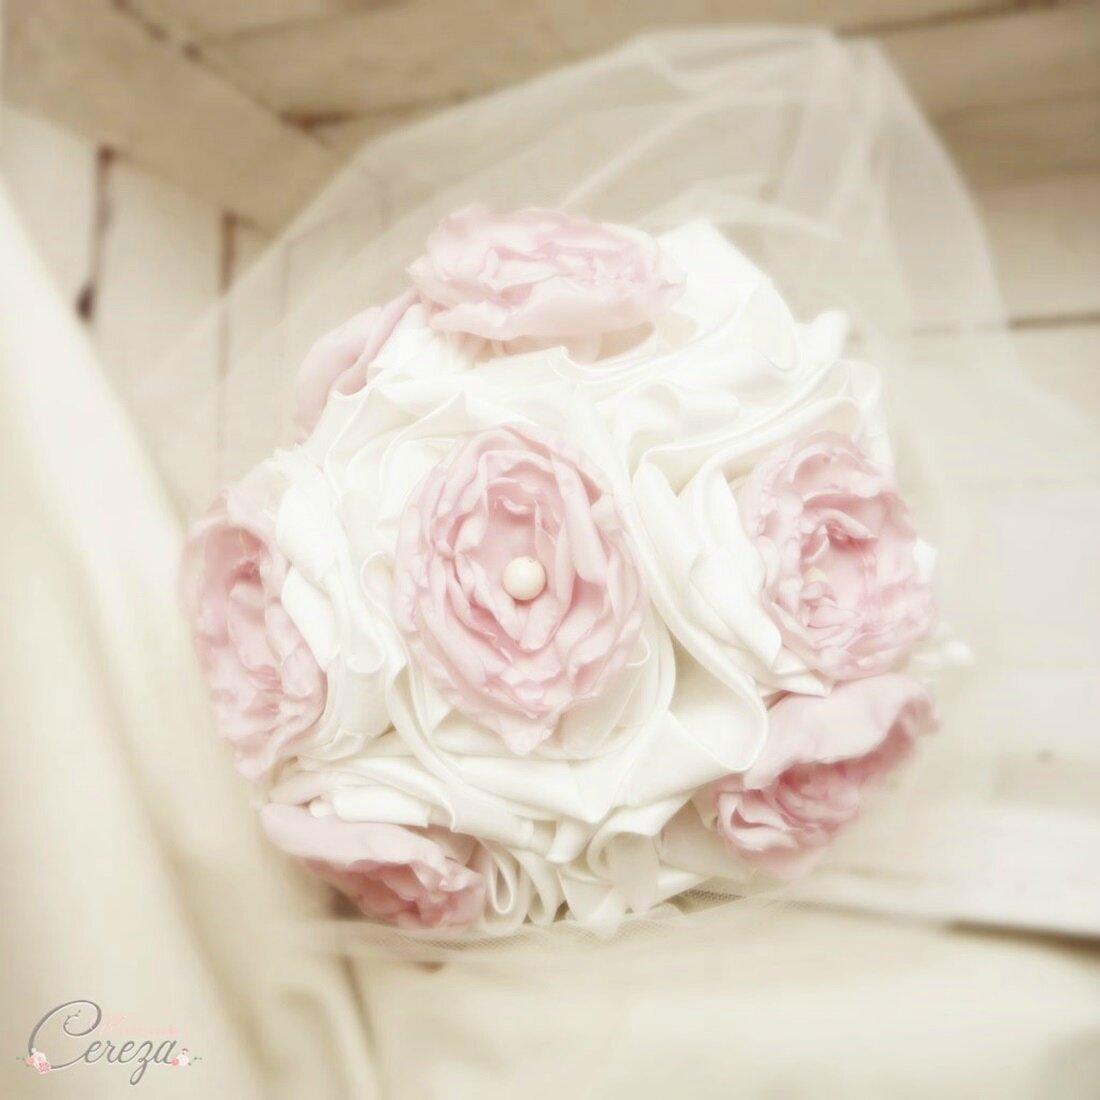 mariage rose poudré ivoire bouquet mariee original Agathe Mademoiselle cereza deco 2